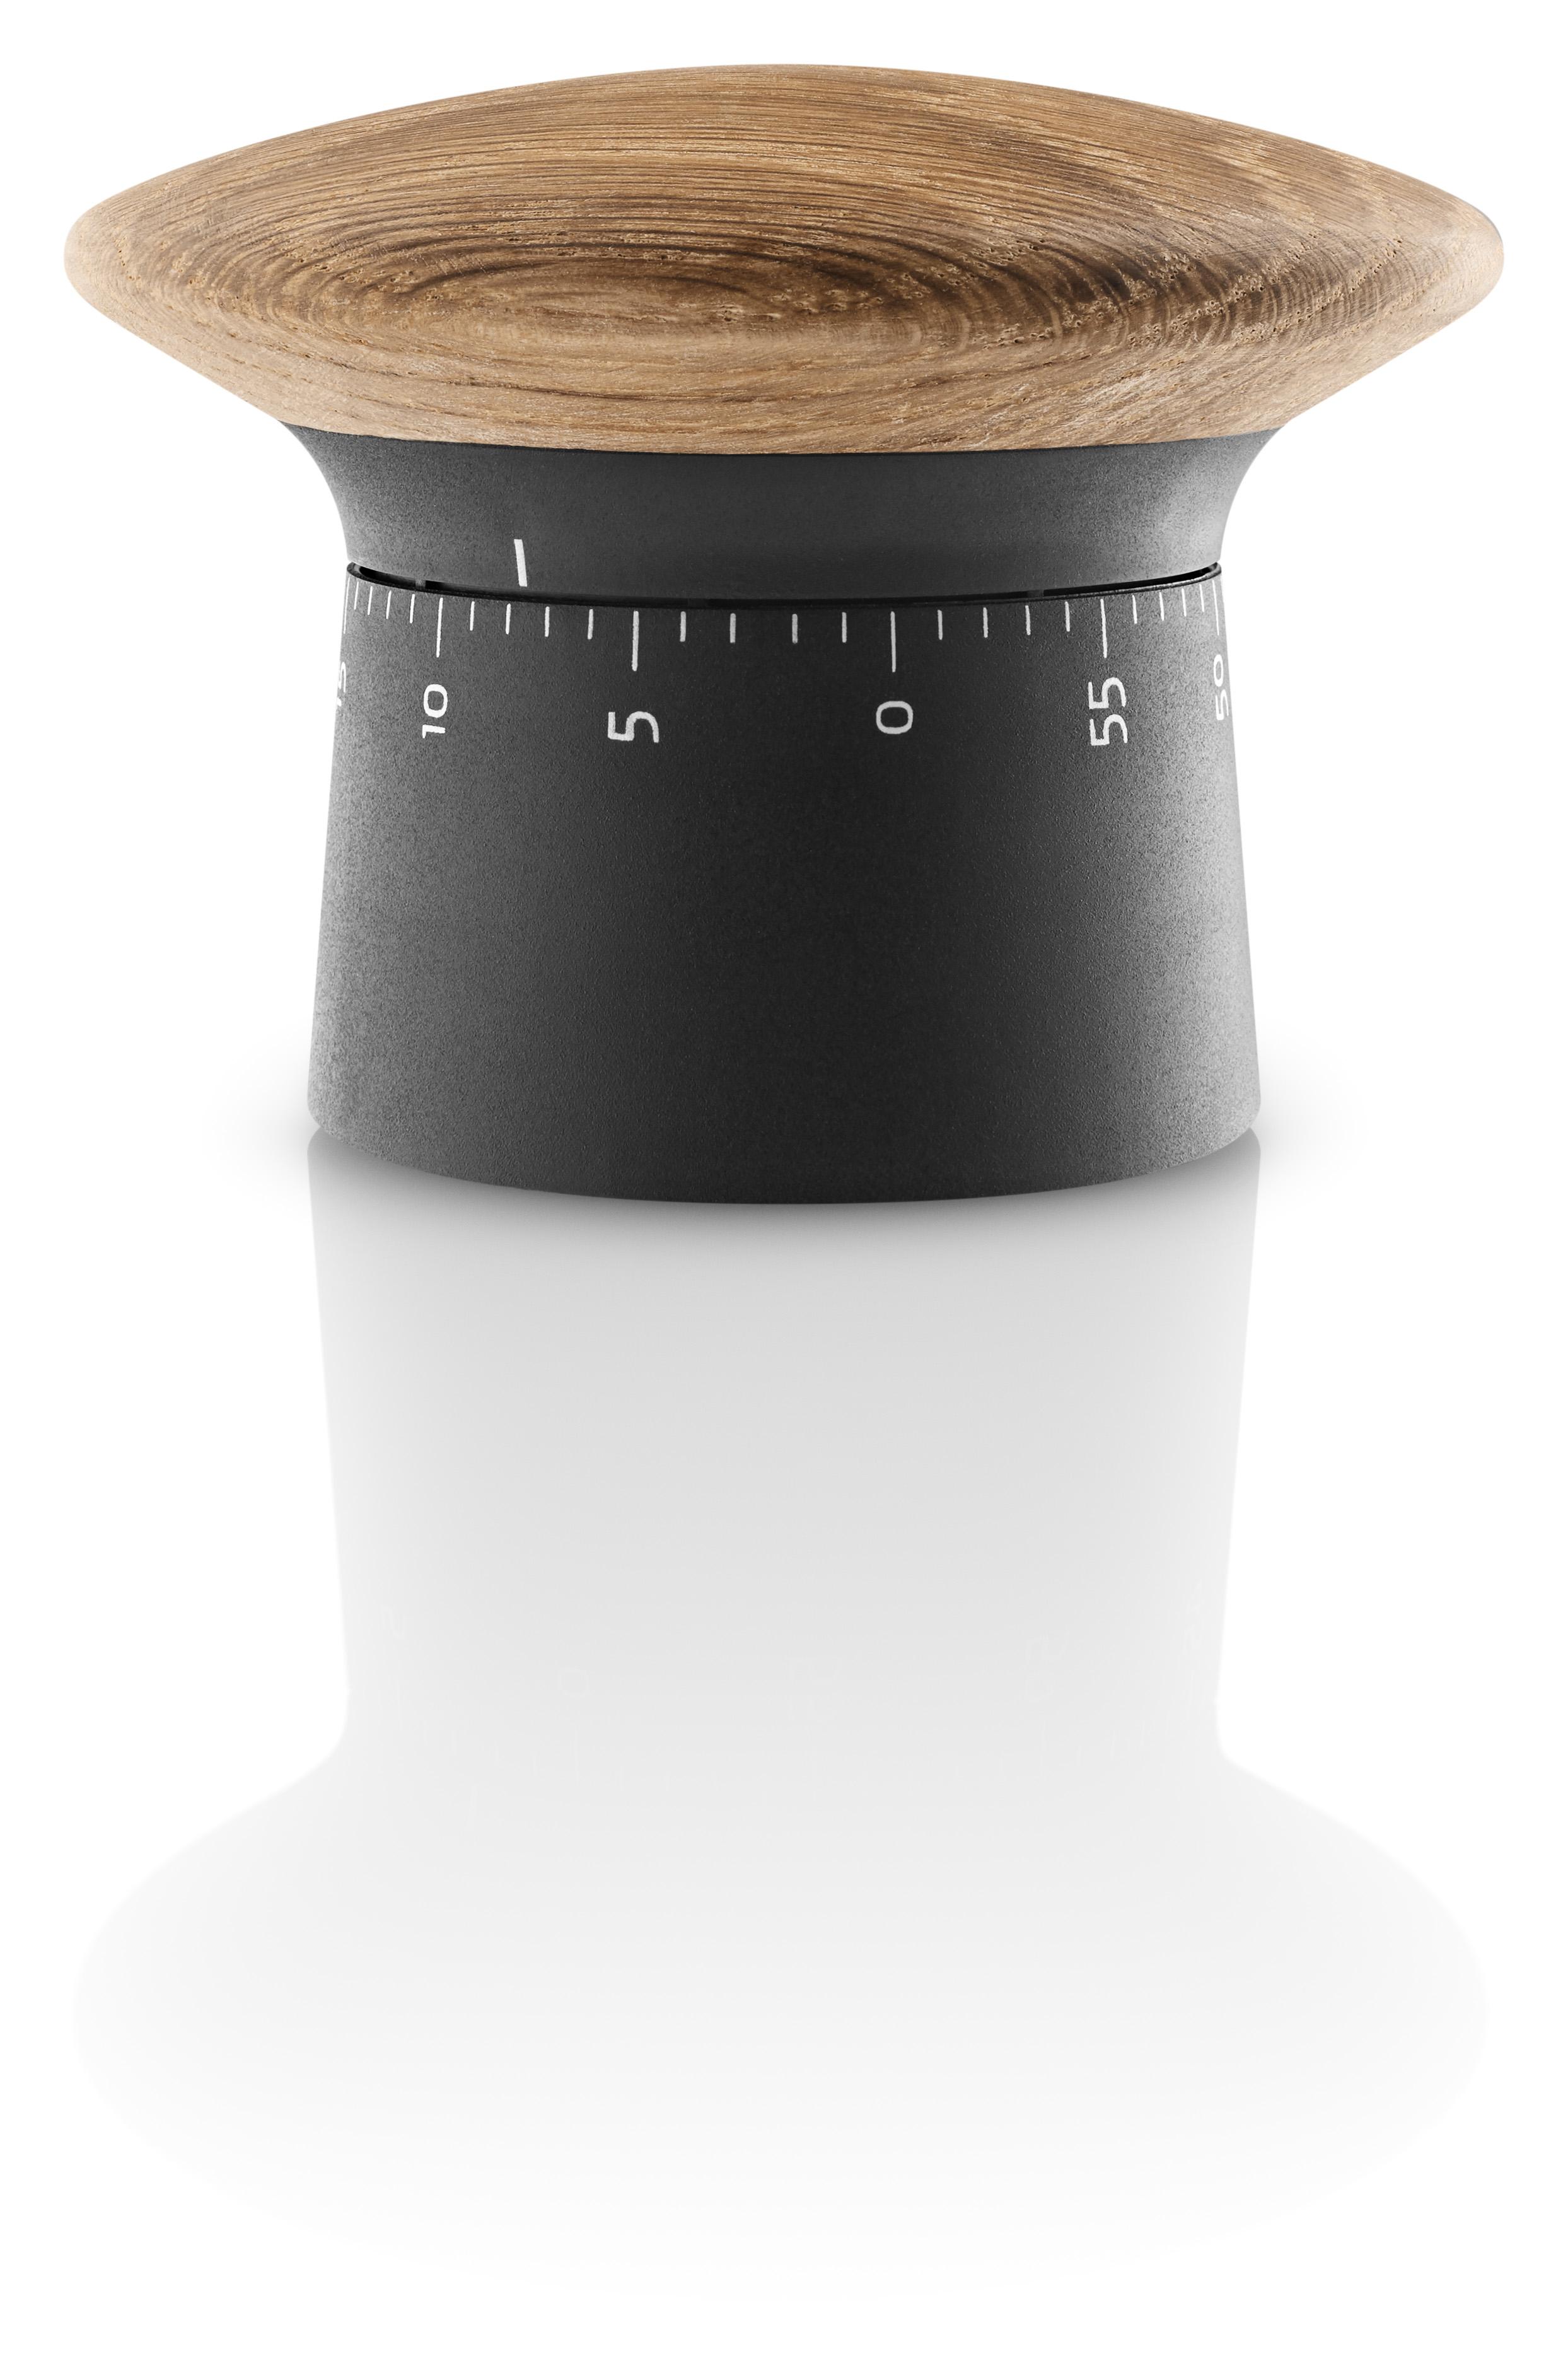 Eva Solo - Kitchen Timer - Black/Oak (520418)